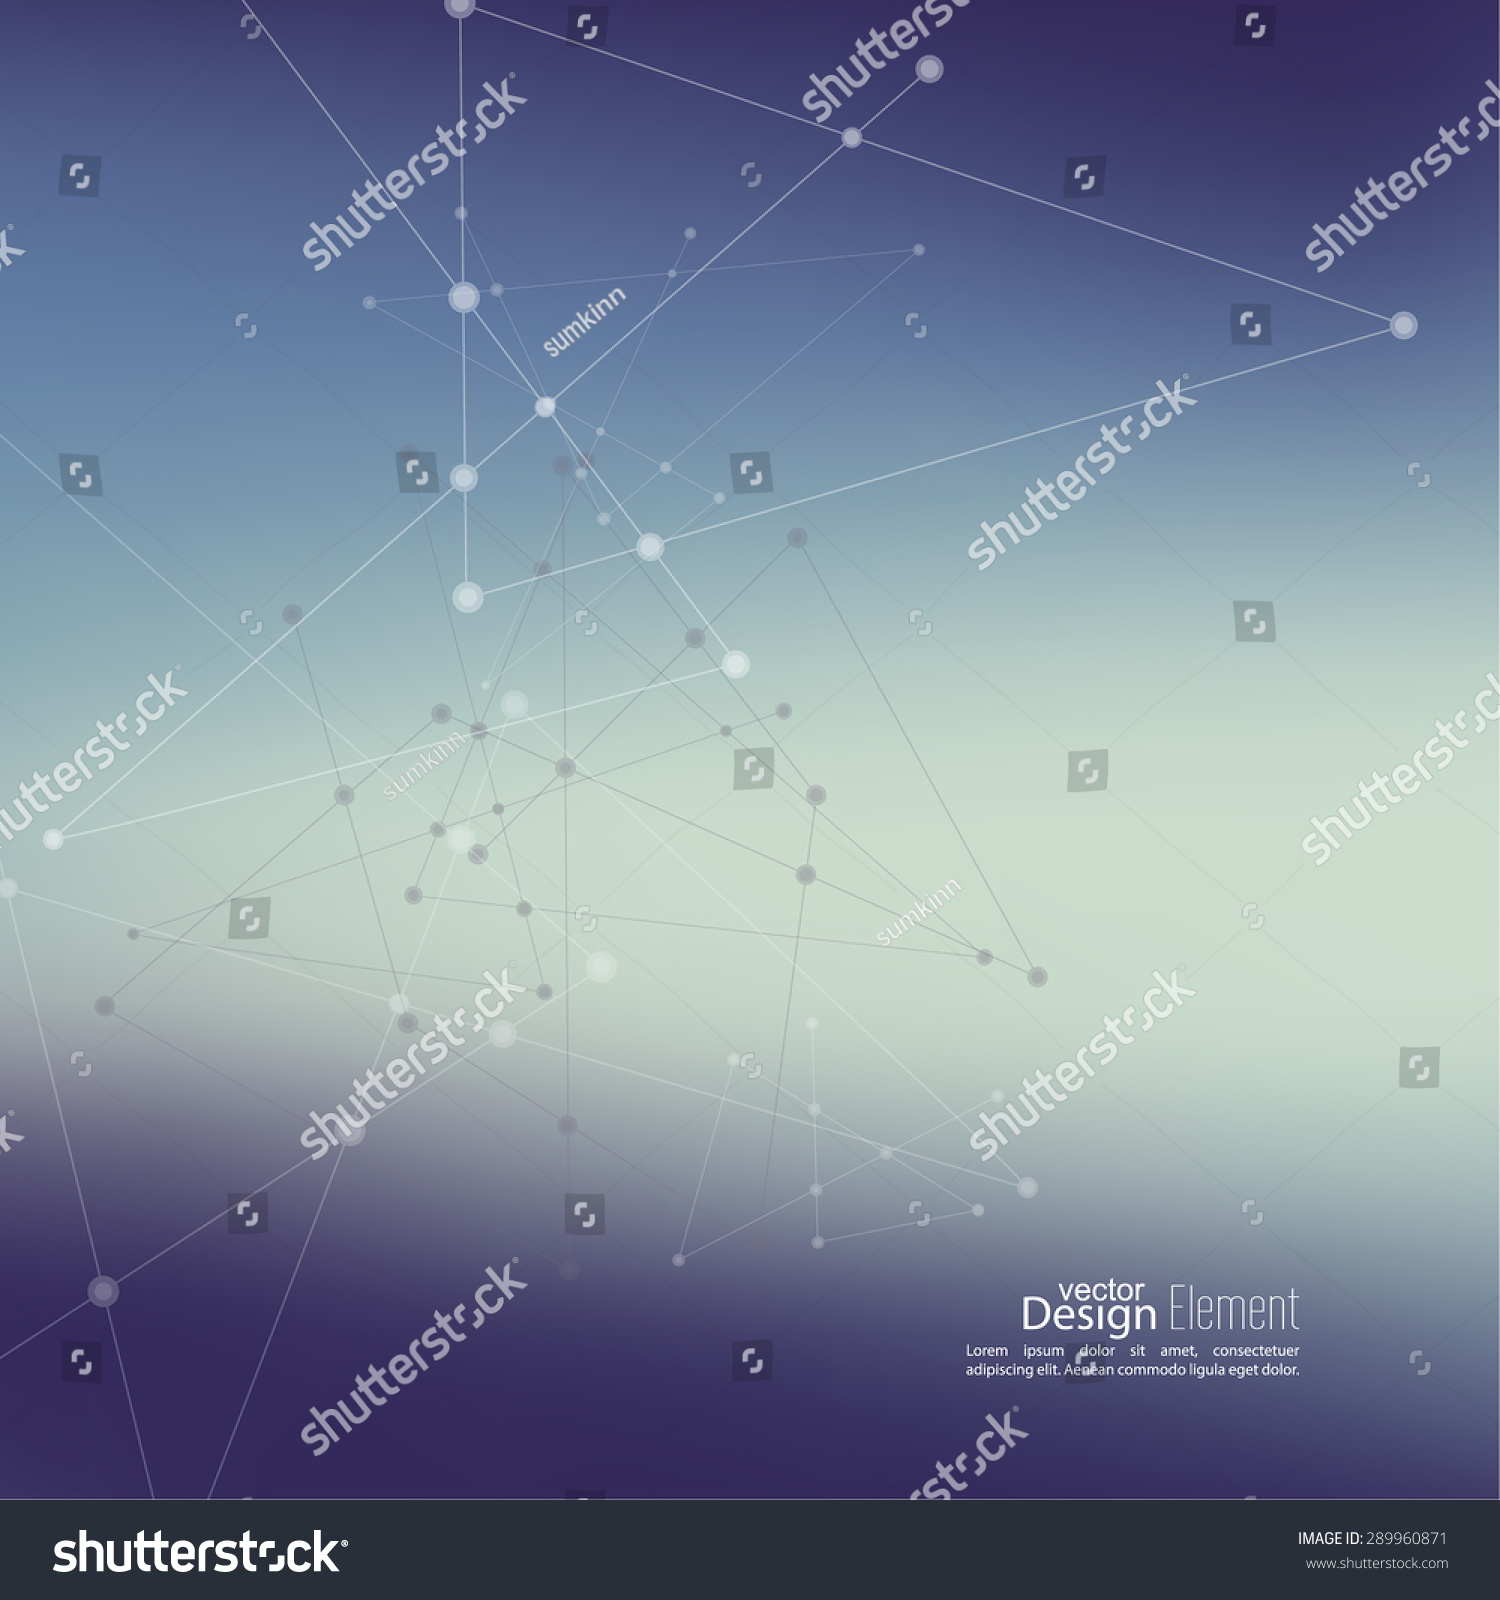 虚拟抽象背景与粒子,分子结构。遗传和化学化合物。空间和星座。科学和连接概念。社交网络。模糊软创造性的向量。 - 背景/素材,抽象 - 站酷海洛创意正版图片,视频,音乐素材交易平台 - Shutterstock中国独家合作伙伴 - 站酷旗下品牌